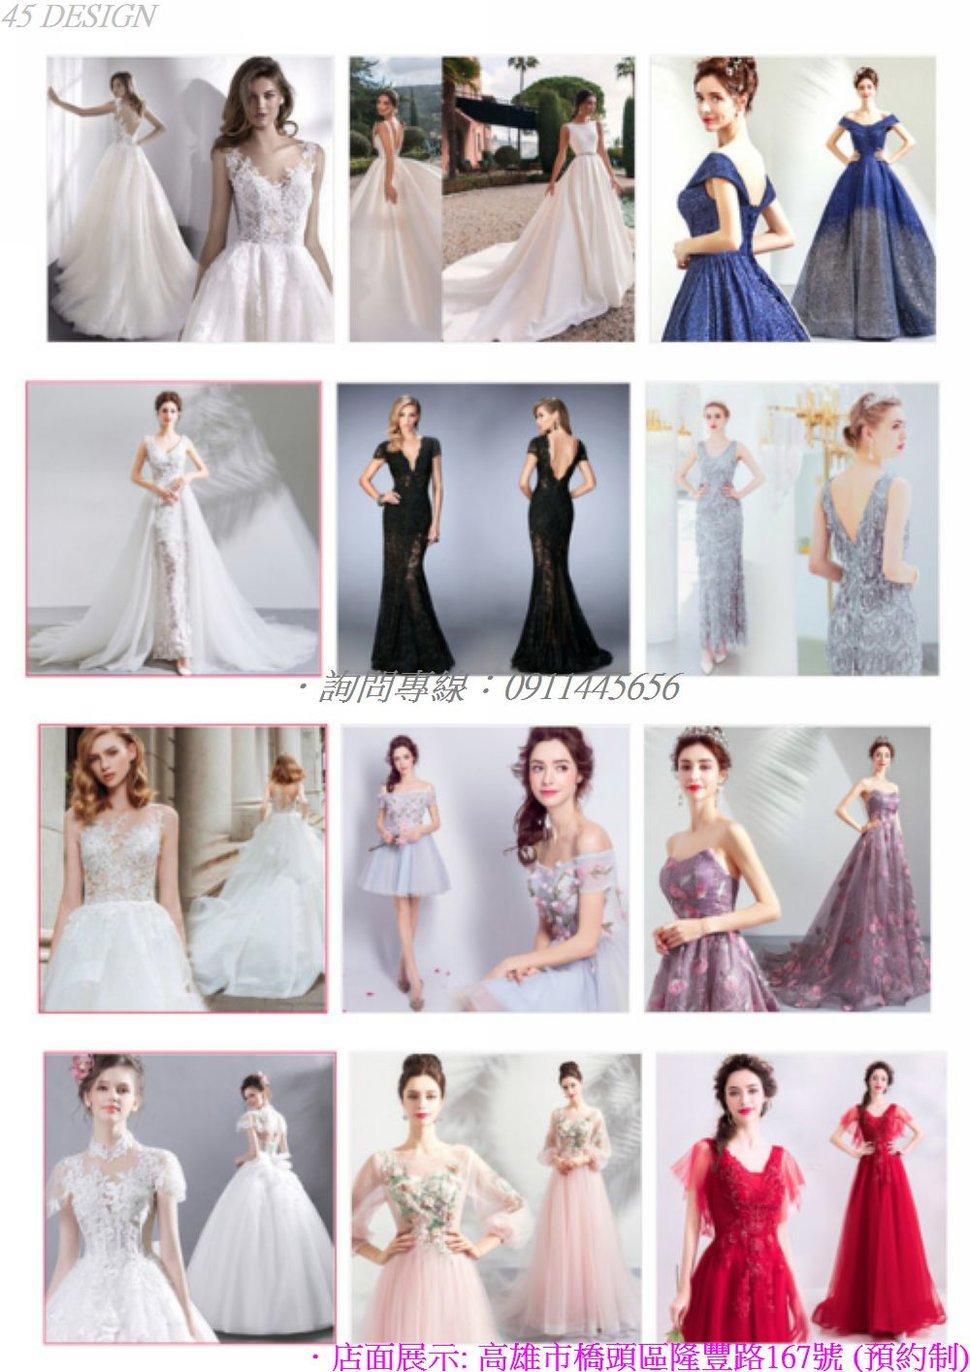 msl190815D1CD764B09CB4860879AD5B2DFE0F0BC - 全台最便宜-45DESIGN四五婚紗禮服《結婚吧》